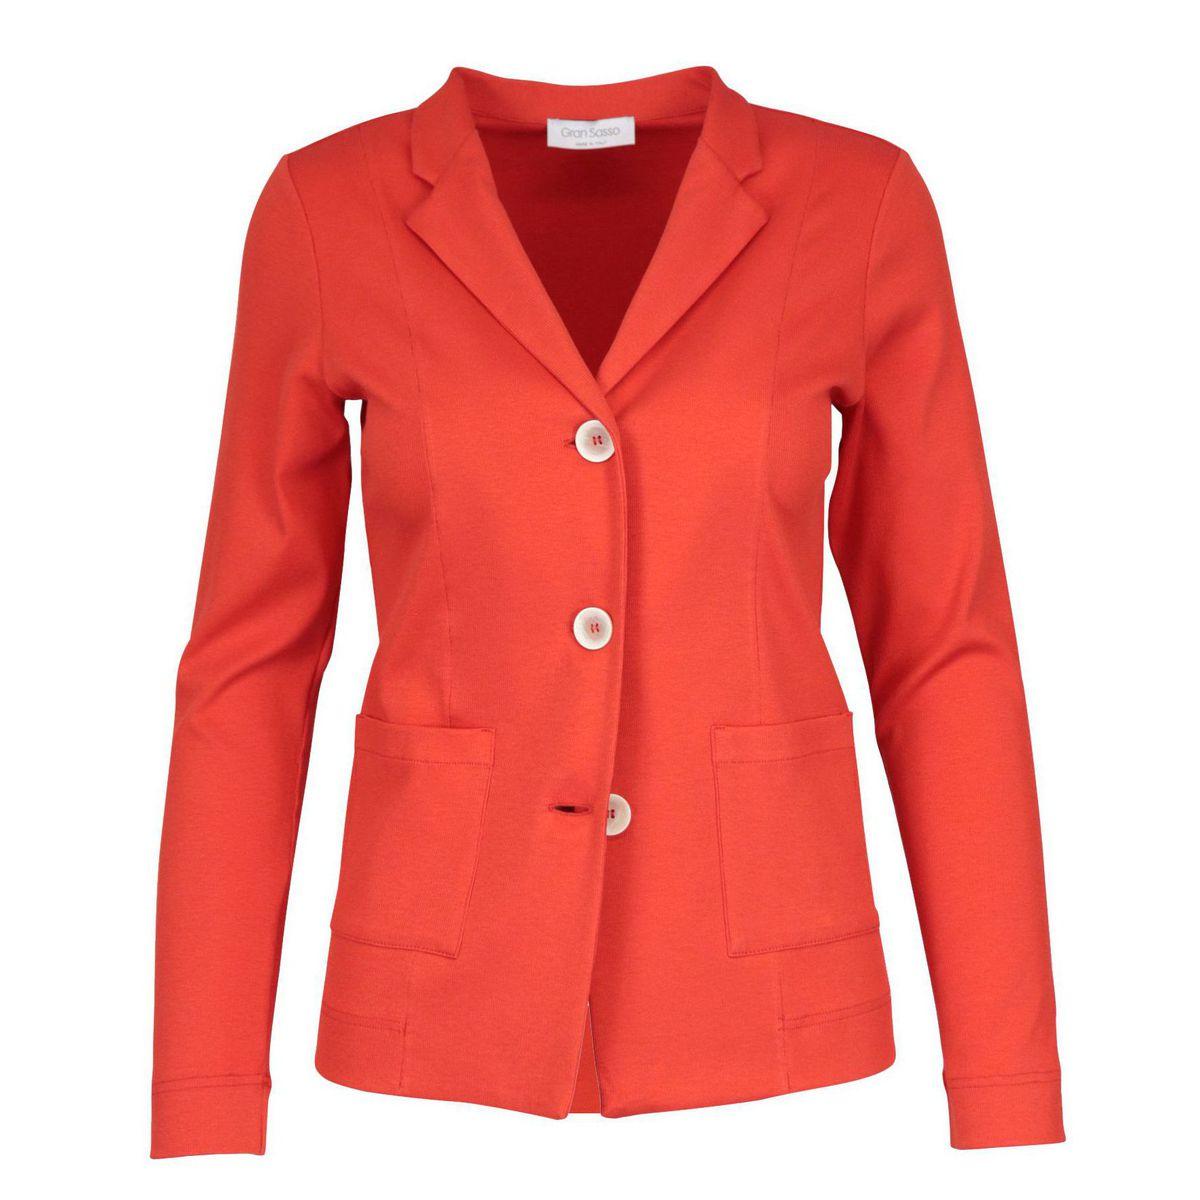 Three-button jacket in stretch cotton Orange Gran Sasso